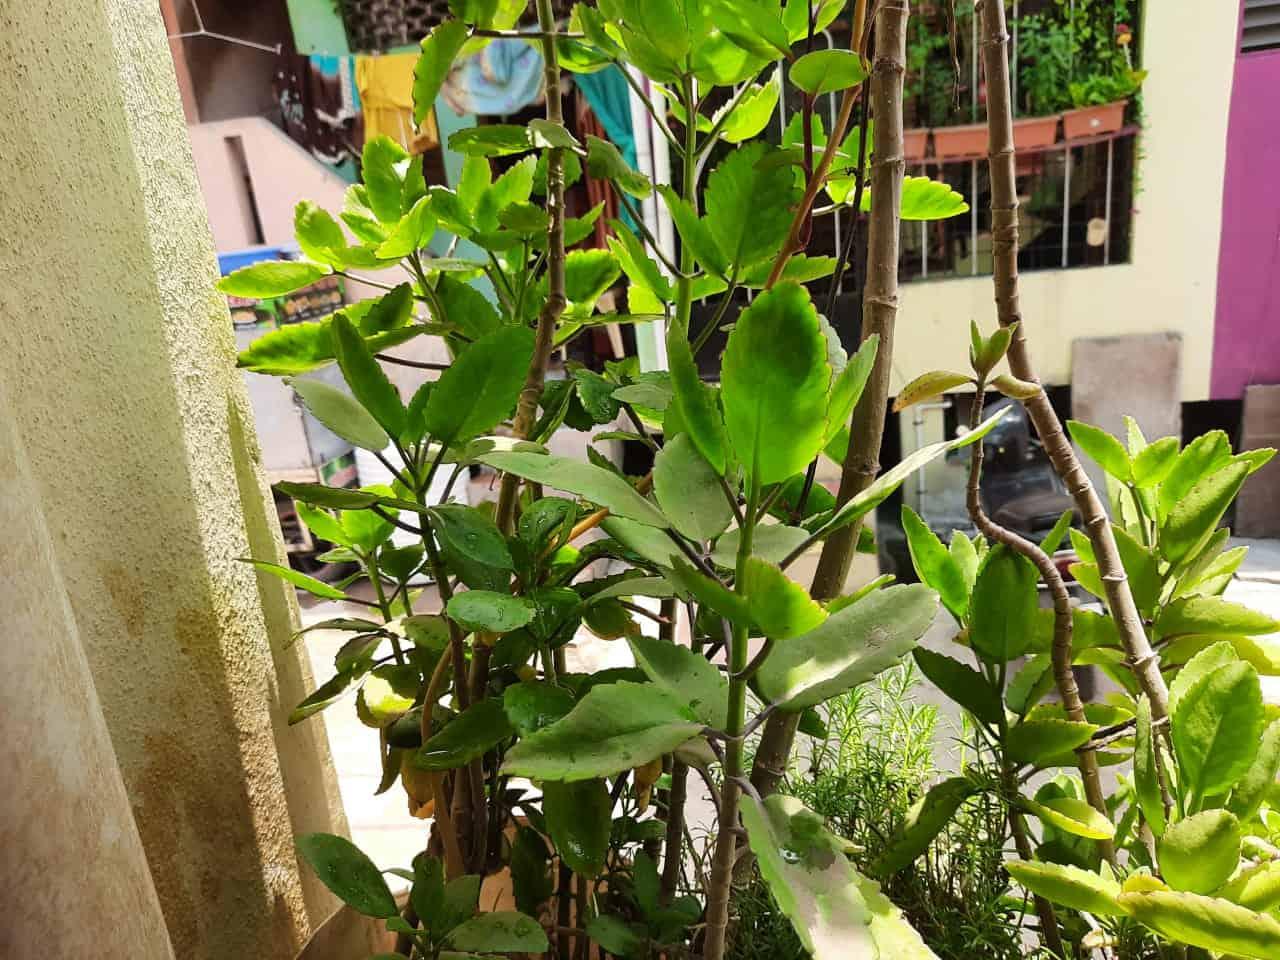 पानफुटी वनस्पतीचे फायदे आणि मराठी माहिती | panphuti plant uses in marathi